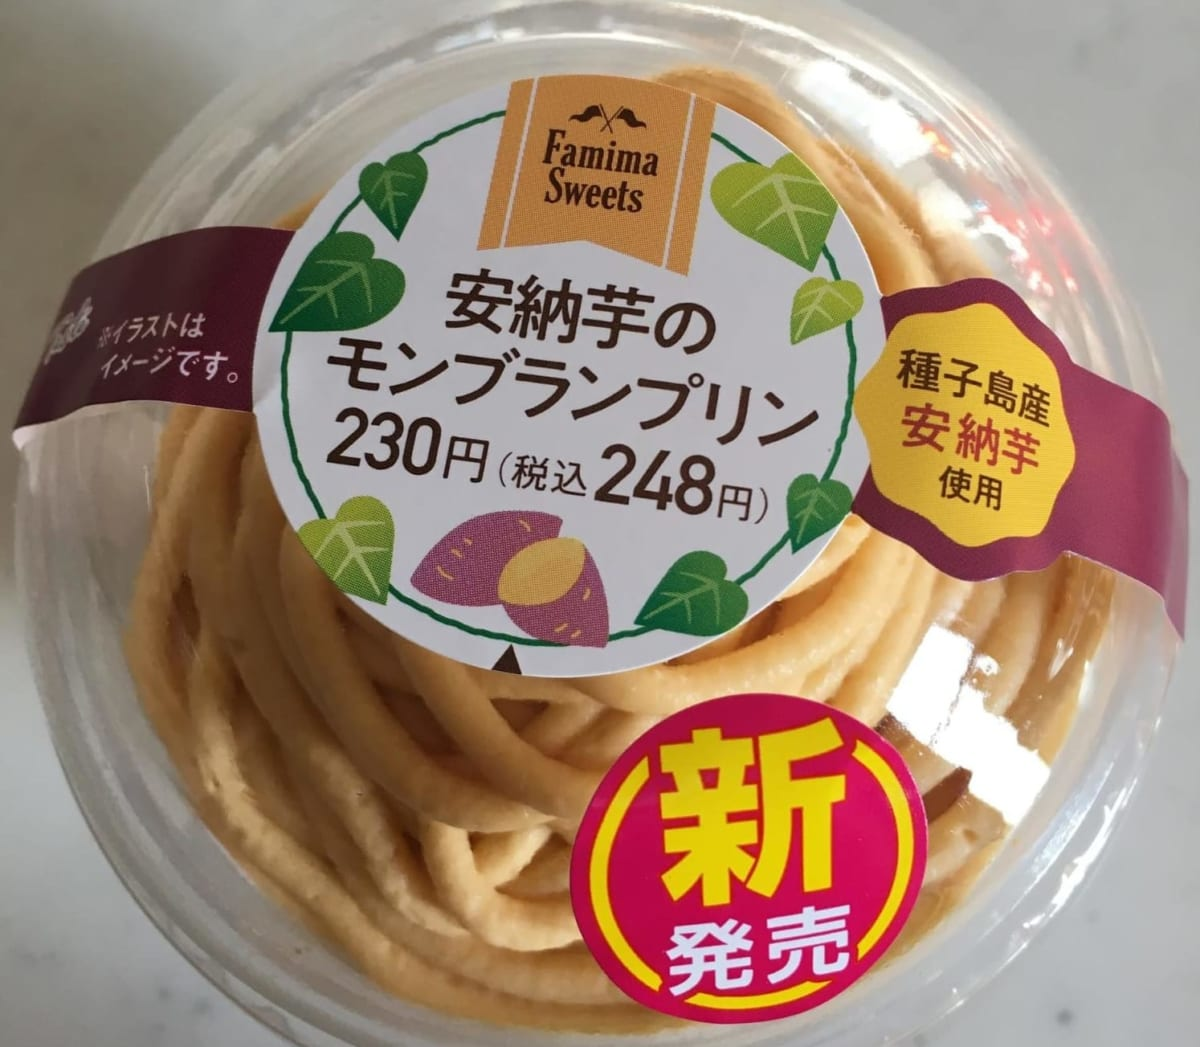 【ファミマスイーツ】ガツンとお芋!「安納芋のモンブラン」が想像超える芋味で激ウマ?